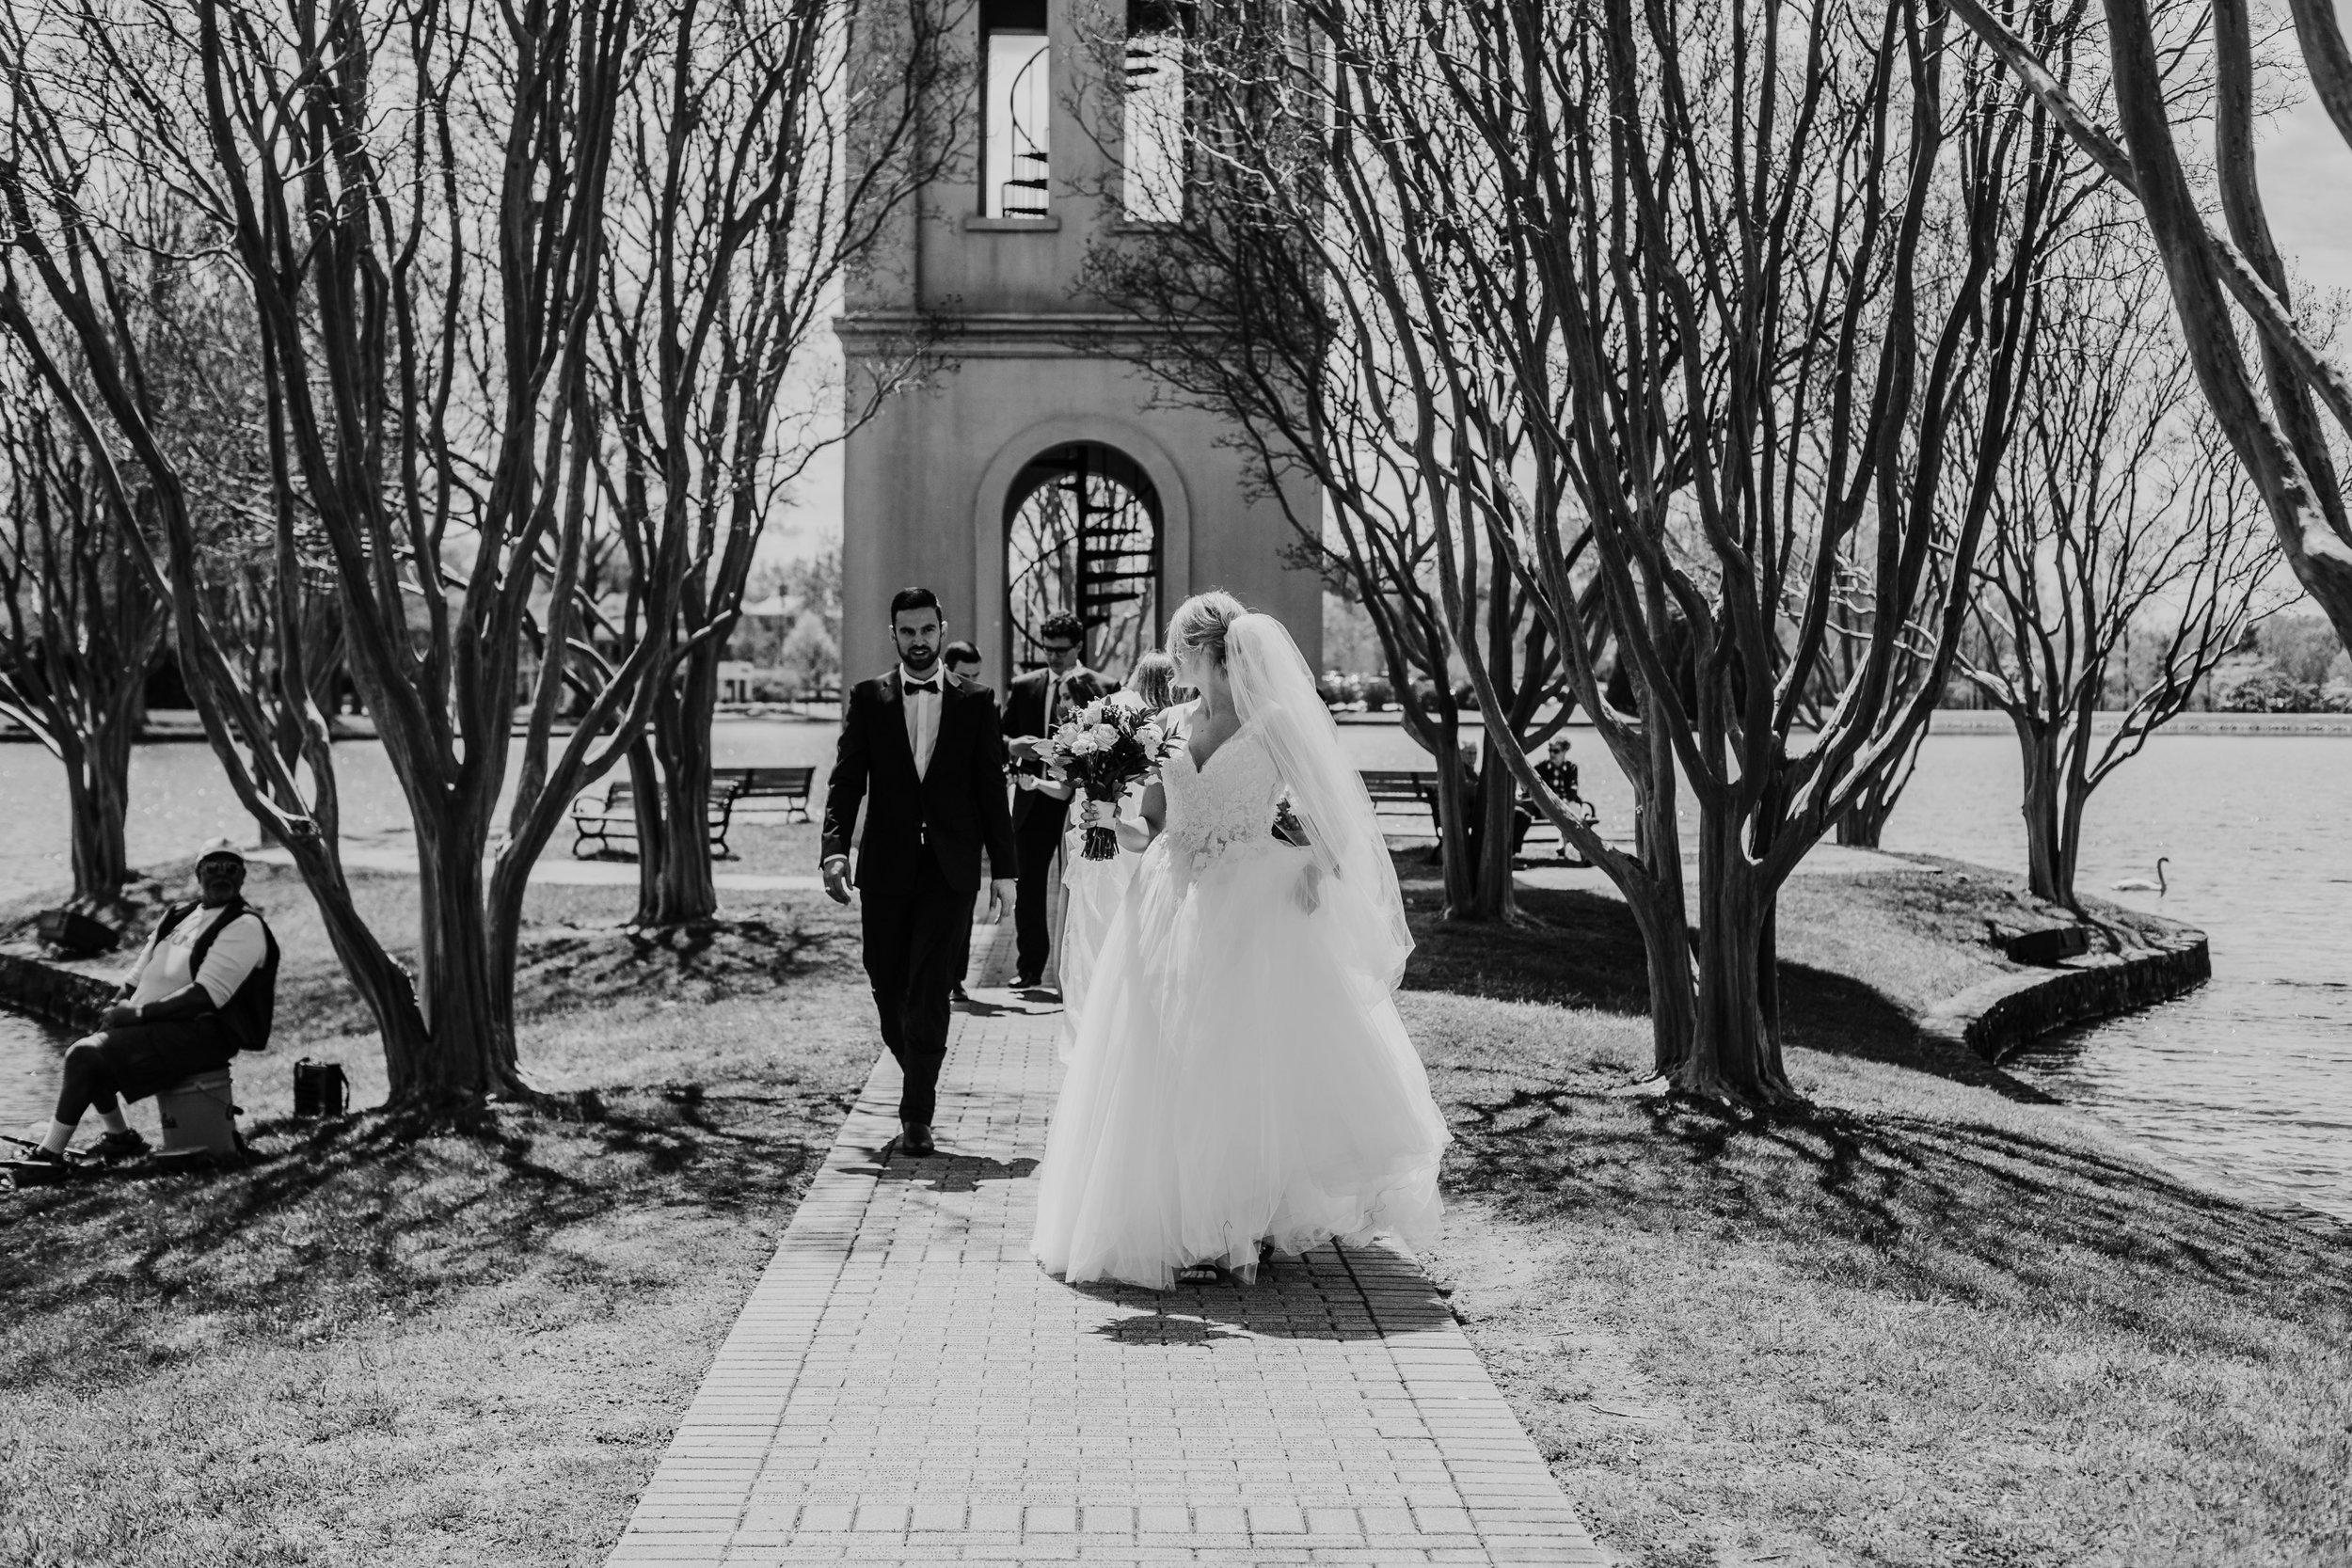 best-wedding-photo-ideas.jpg